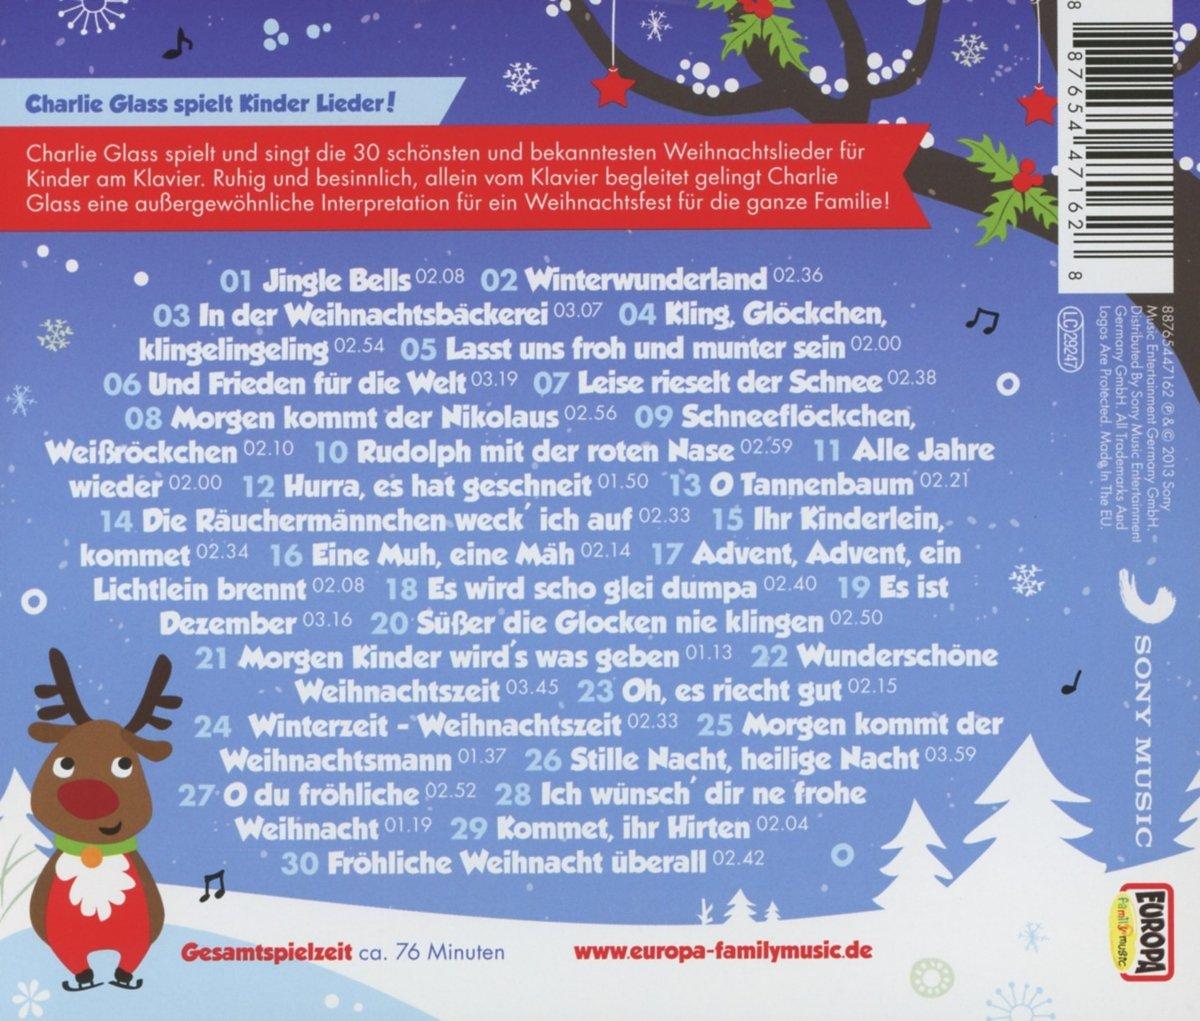 Kinder Weihnacht-die 30 Schönsten Weihnachtslieder - Charlie Glass ...